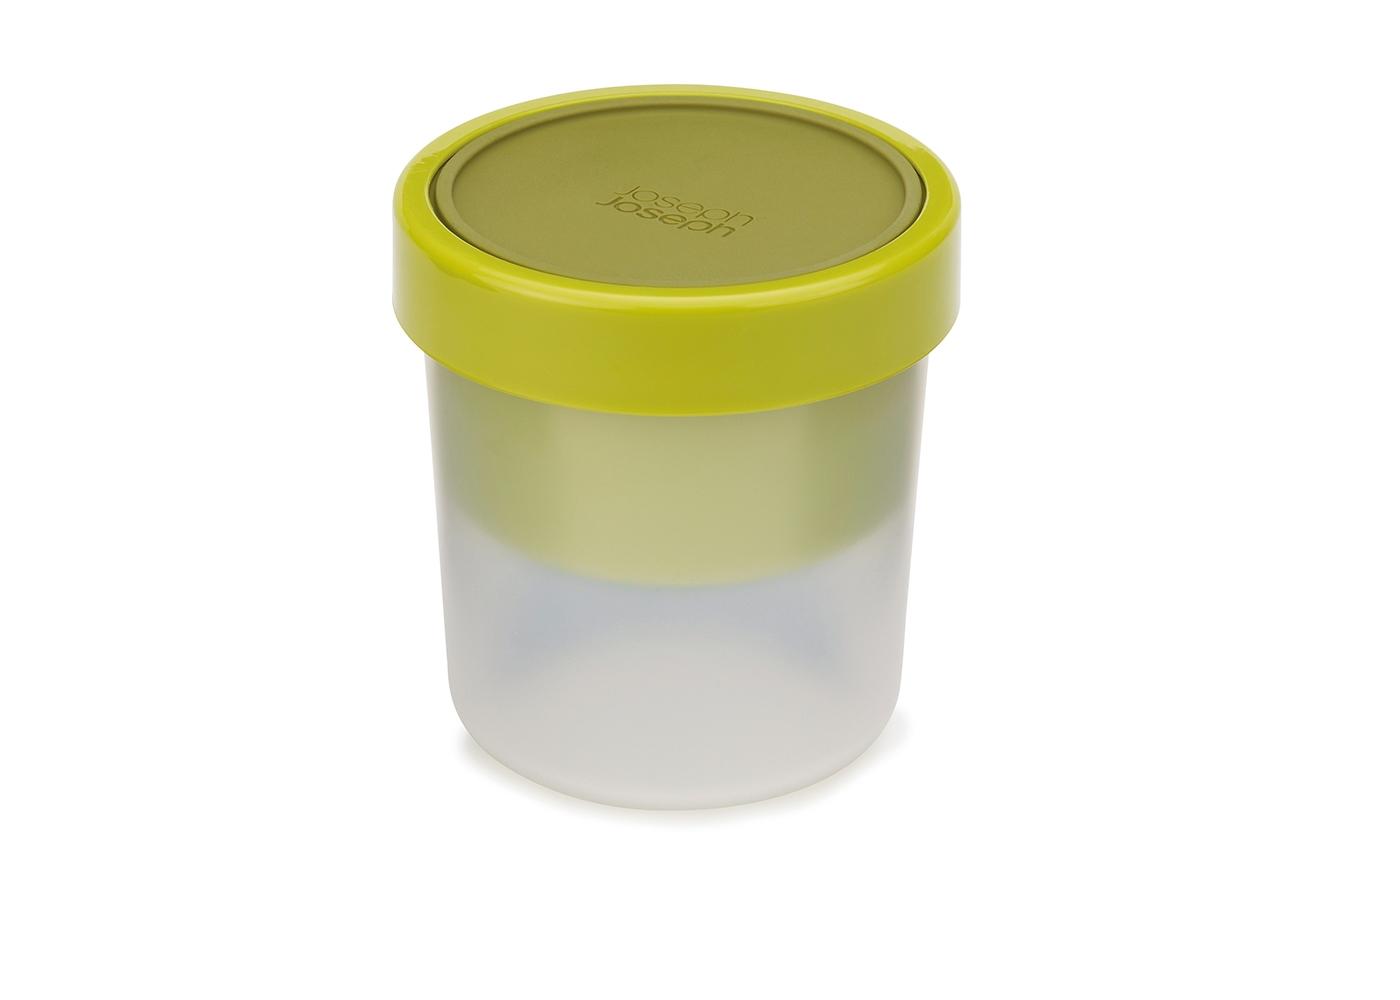 Ланч-бокс для супа компактныйЕмкости для хранения<br>&amp;lt;div&amp;gt;Ланч-бокс для супа с инновационным дизайном, предусматривающий защиту от протекания. Основной контейнер вмещает до 600 мл. жидкости, а небольшое верхнее отделение прекрасно подойдет для хлеба или гренок. Части контейнера отделены друг от друга герметичной силиконовой крышкой, которая плотно фиксируется блокирующим кольцом. Пустые контейнеры можно сложить один в другой, чтобы сэкономить место в сумке.&amp;lt;/div&amp;gt;&amp;lt;div&amp;gt;&amp;lt;br&amp;gt;&amp;lt;/div&amp;gt;&amp;lt;div&amp;gt;Можно мыть в посудомоечной машине. Контейнер и крышки можно разогревать в микроволновой печи, предварительно удалив блокирующее кольцо.&amp;lt;/div&amp;gt;&amp;lt;div&amp;gt;&amp;lt;br&amp;gt;&amp;lt;/div&amp;gt;&amp;lt;iframe width=&amp;quot;530&amp;quot; height=&amp;quot;315&amp;quot; src=&amp;quot;https://www.youtube.com/embed/Rt5k65GImgk&amp;quot; frameborder=&amp;quot;0&amp;quot; allowfullscreen=&amp;quot;&amp;quot;&amp;gt;&amp;lt;/iframe&amp;gt;<br><br>Material: Пластик<br>Высота см: 11